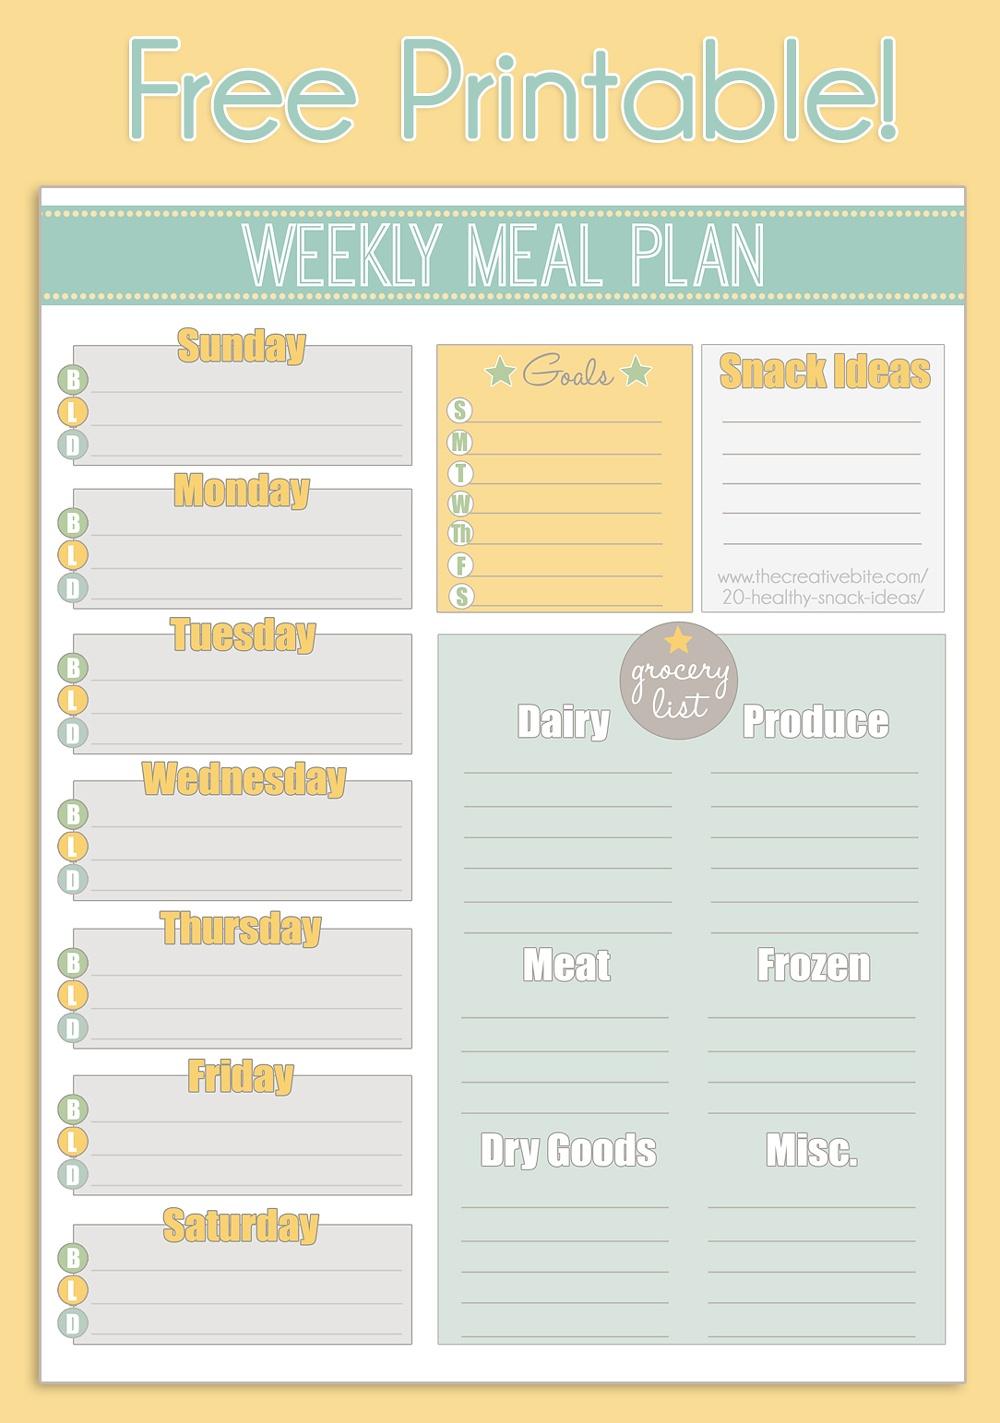 Free Printable Weekly Meal Planner + Calendar - Weekly Menu Free Printable